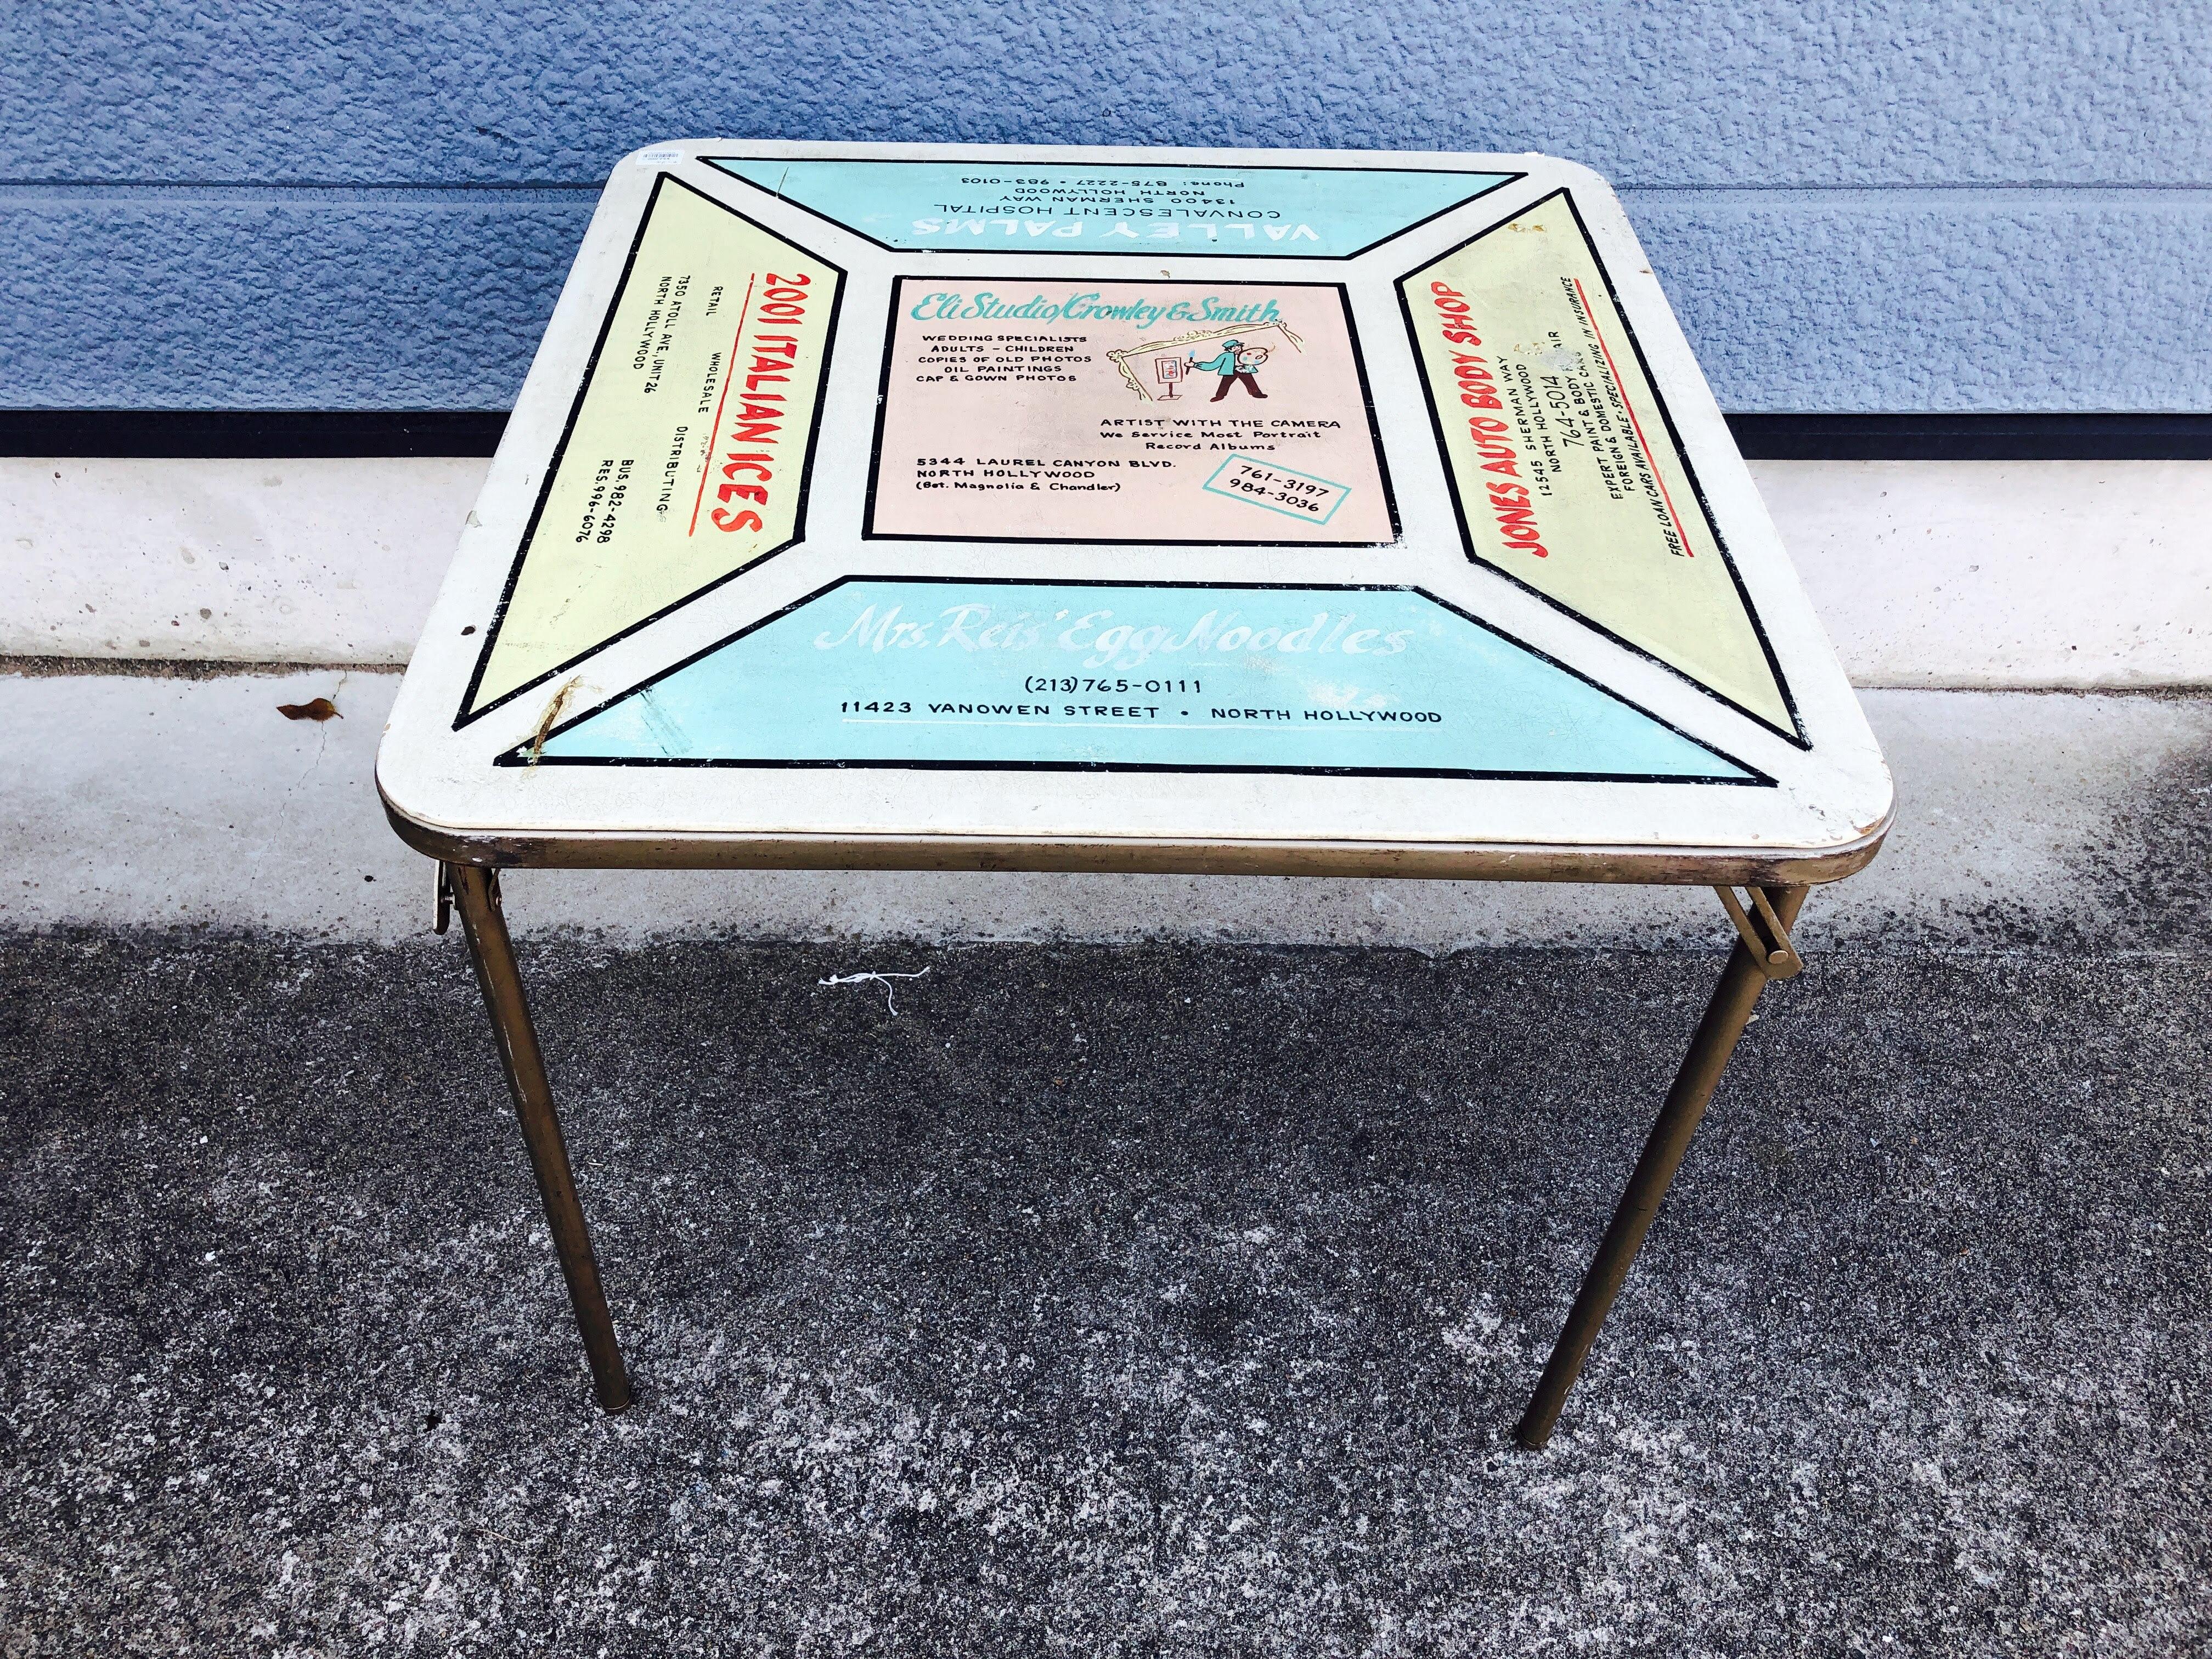 品番3762 スクエア テーブル 折り畳み式 インテリア ディスプレイ ヴィンテージ